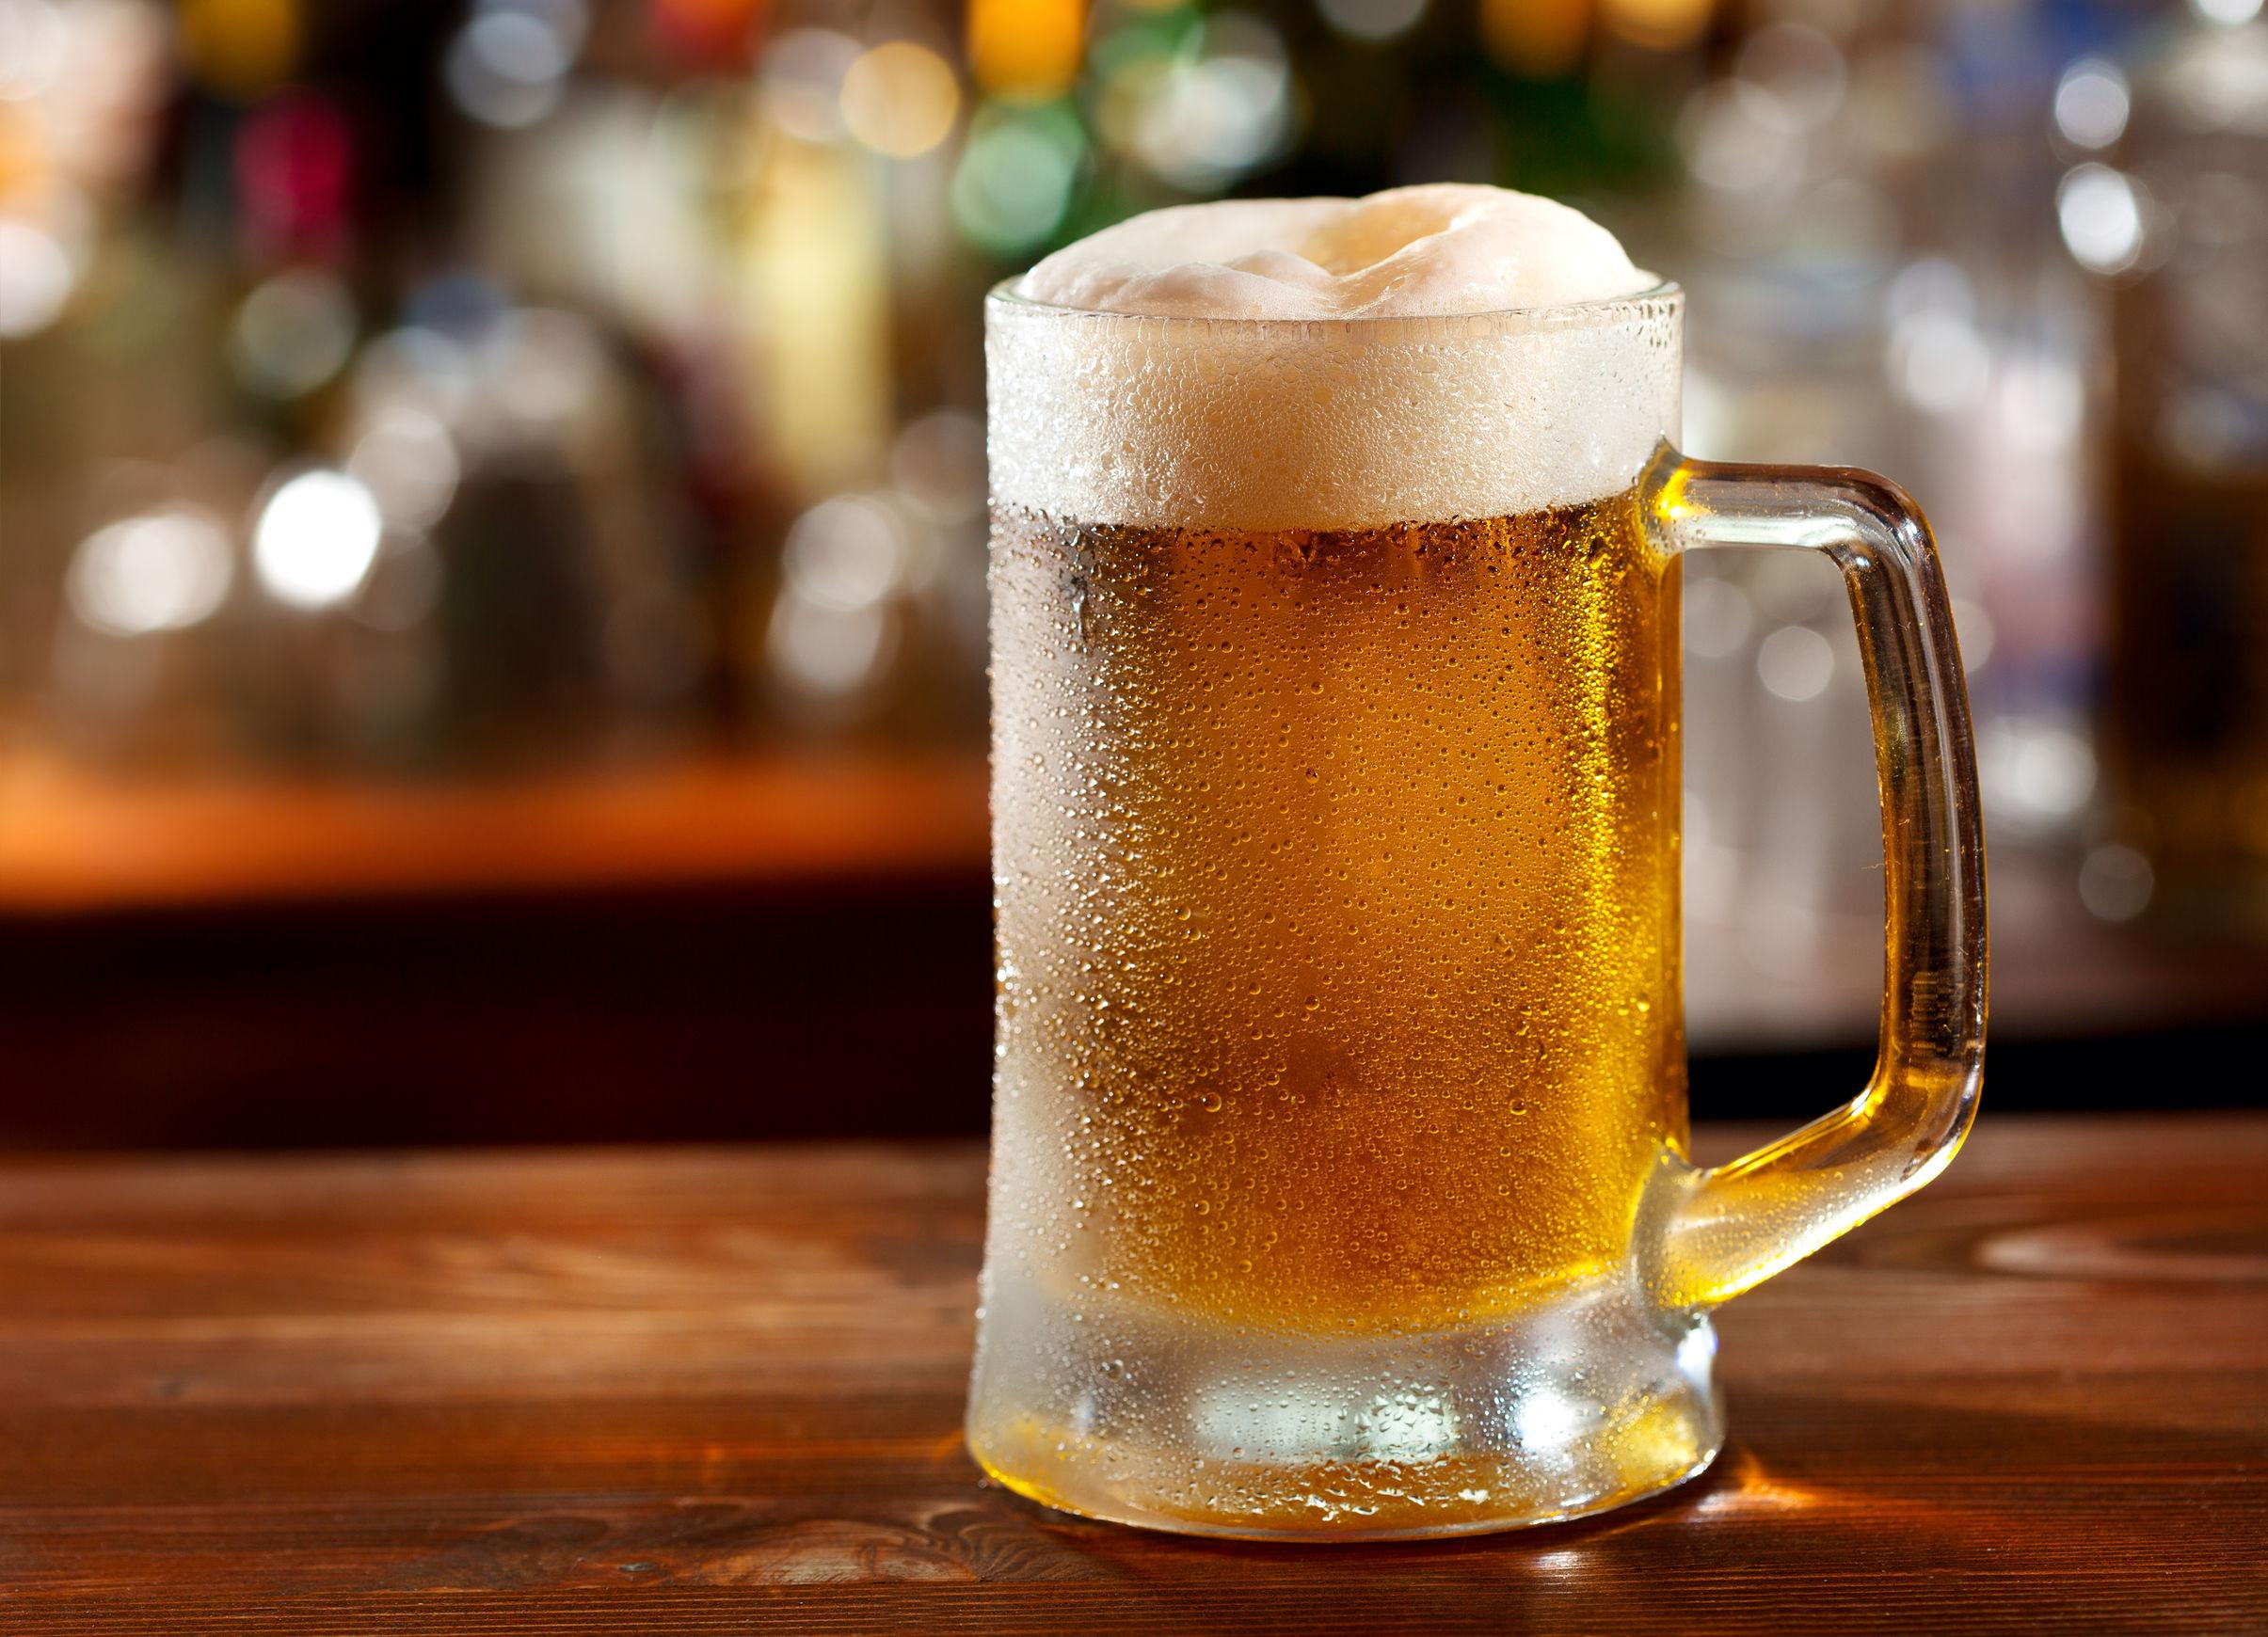 Kits de cerveza artesana